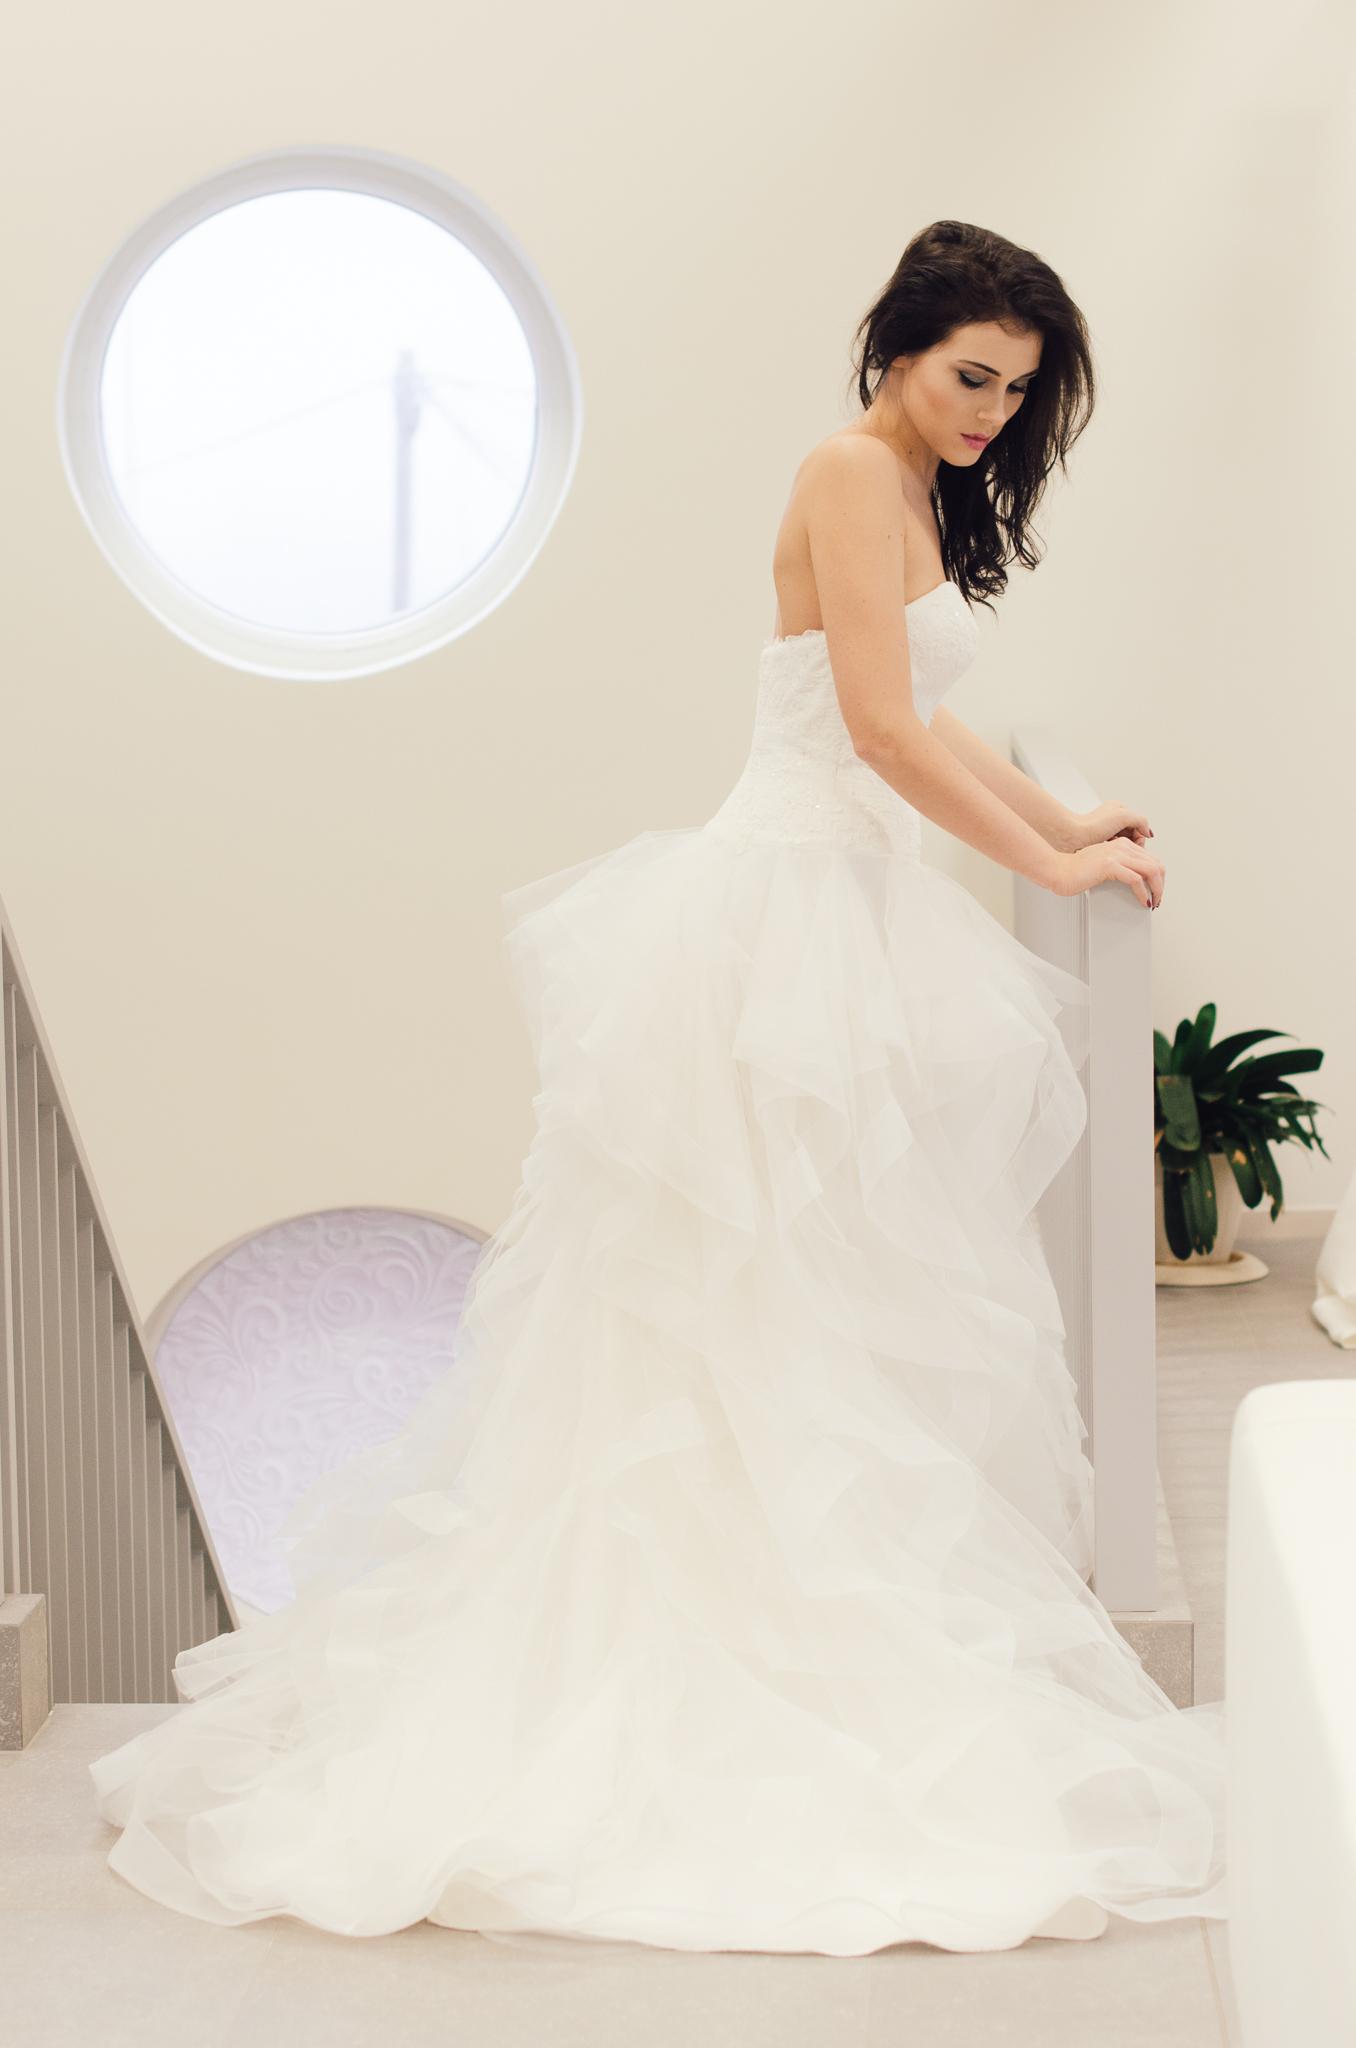 Med pomirjanjem poročnih oblek ...